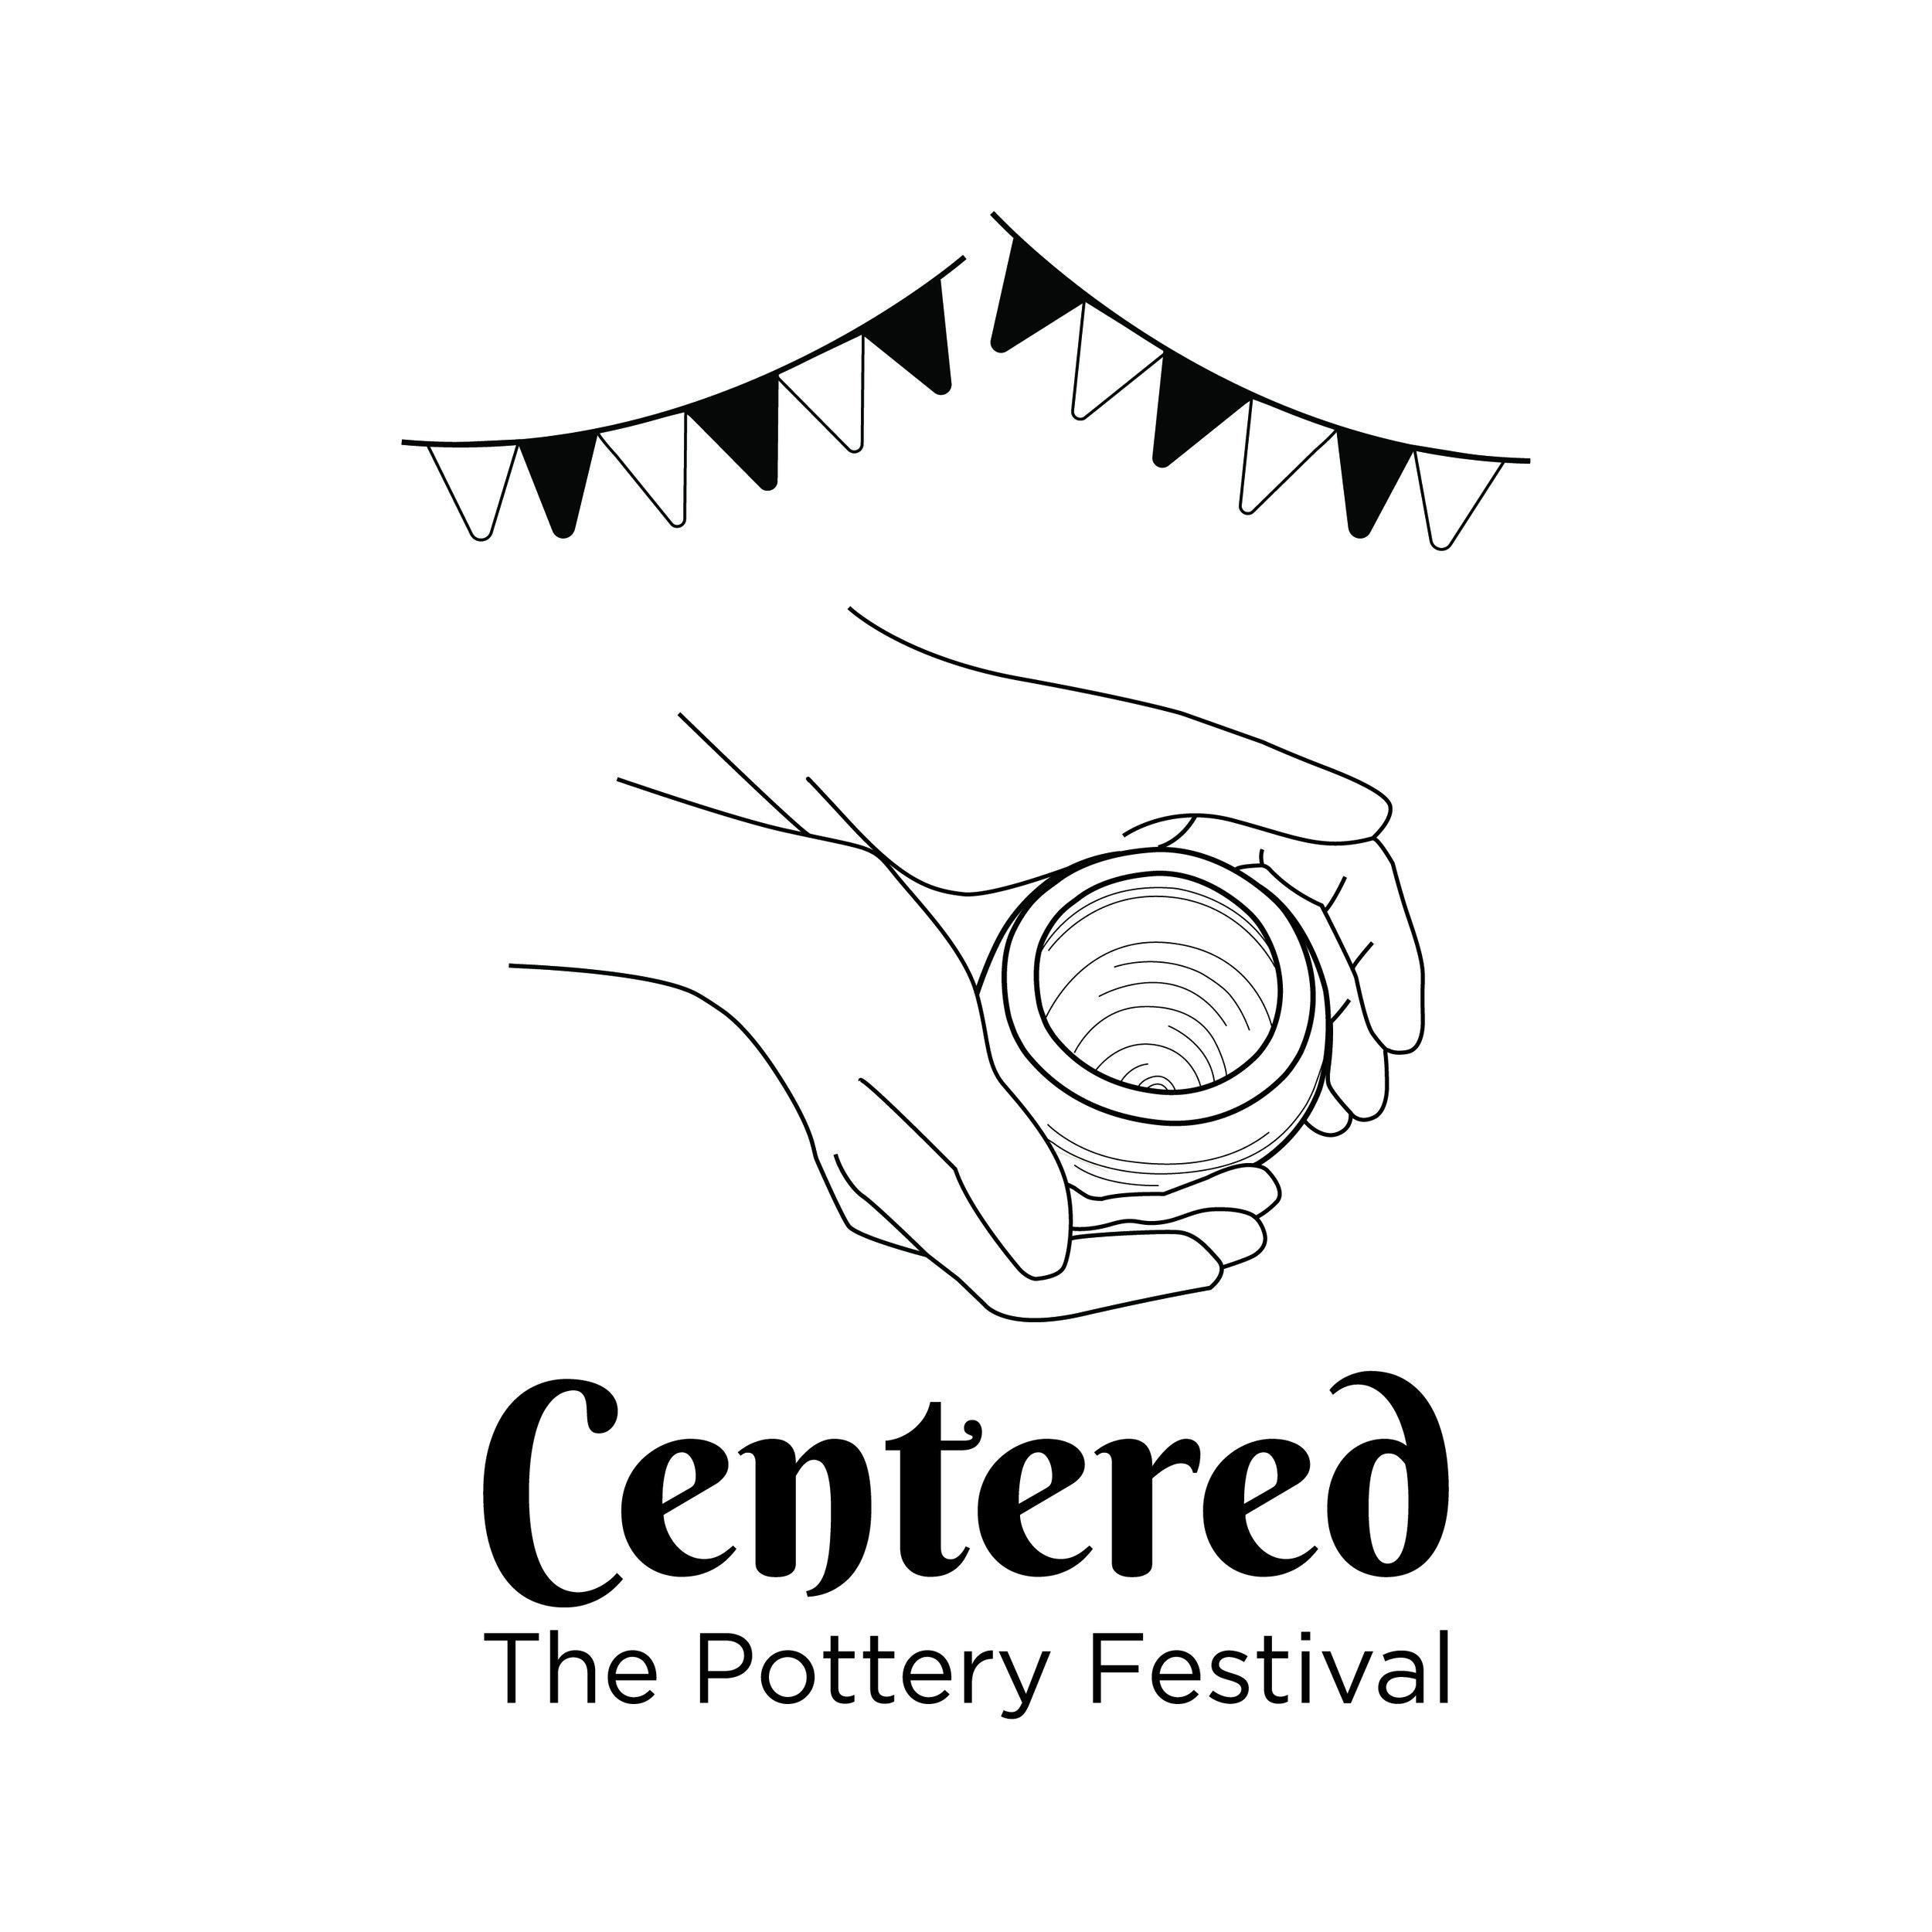 centered website.png